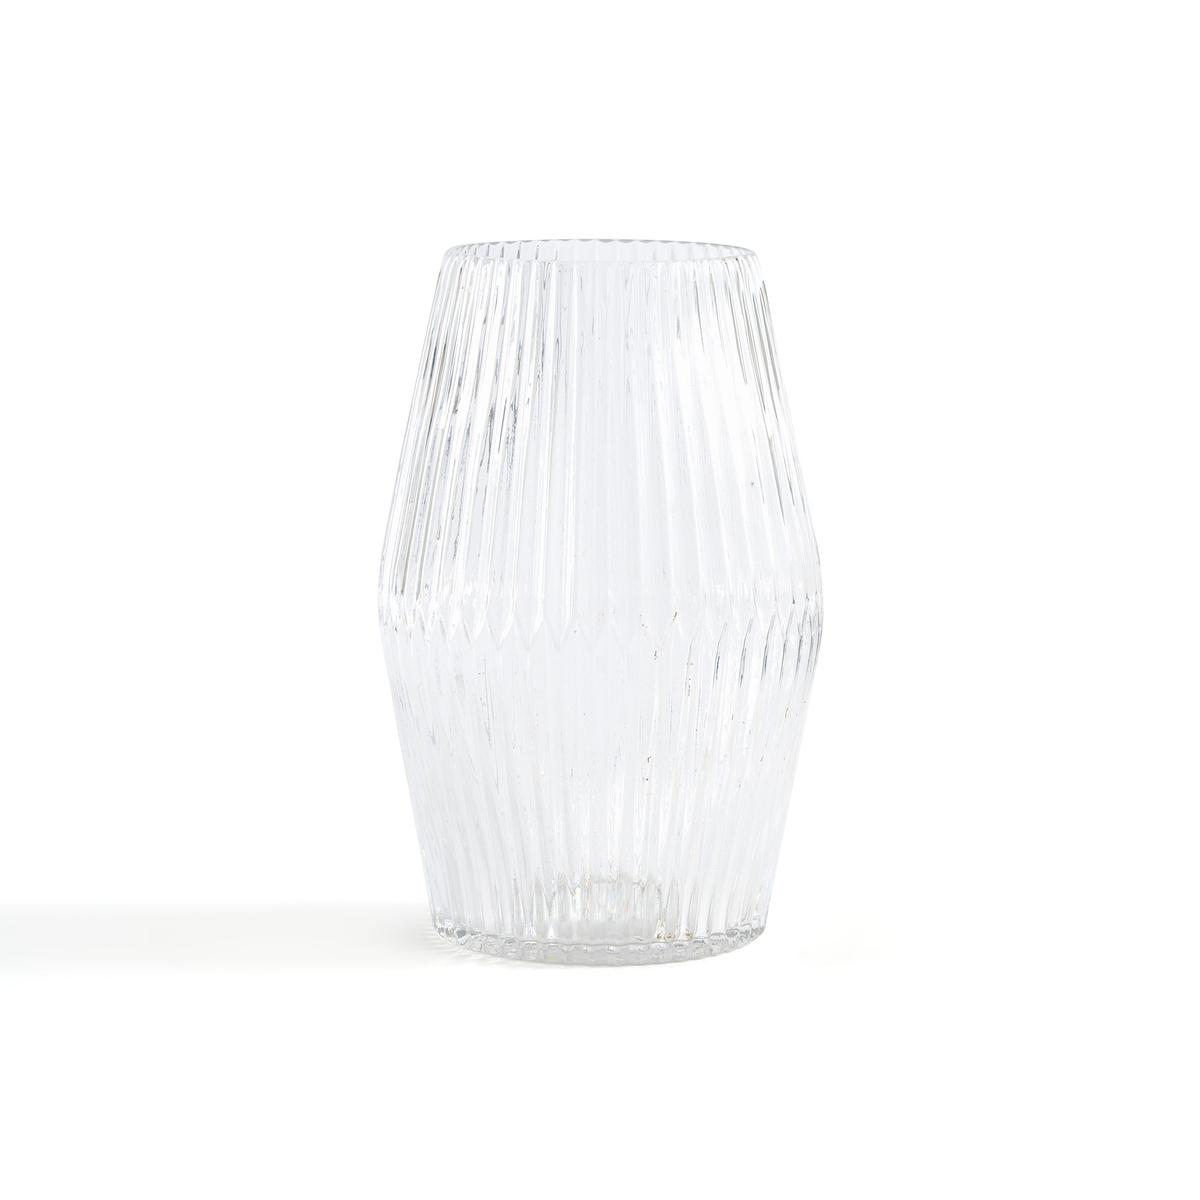 Ваза LaRedoute Стеклянная цилиндрической формы Afa единый размер другие графин laredoute из дутого стекла calebasse единый размер другие